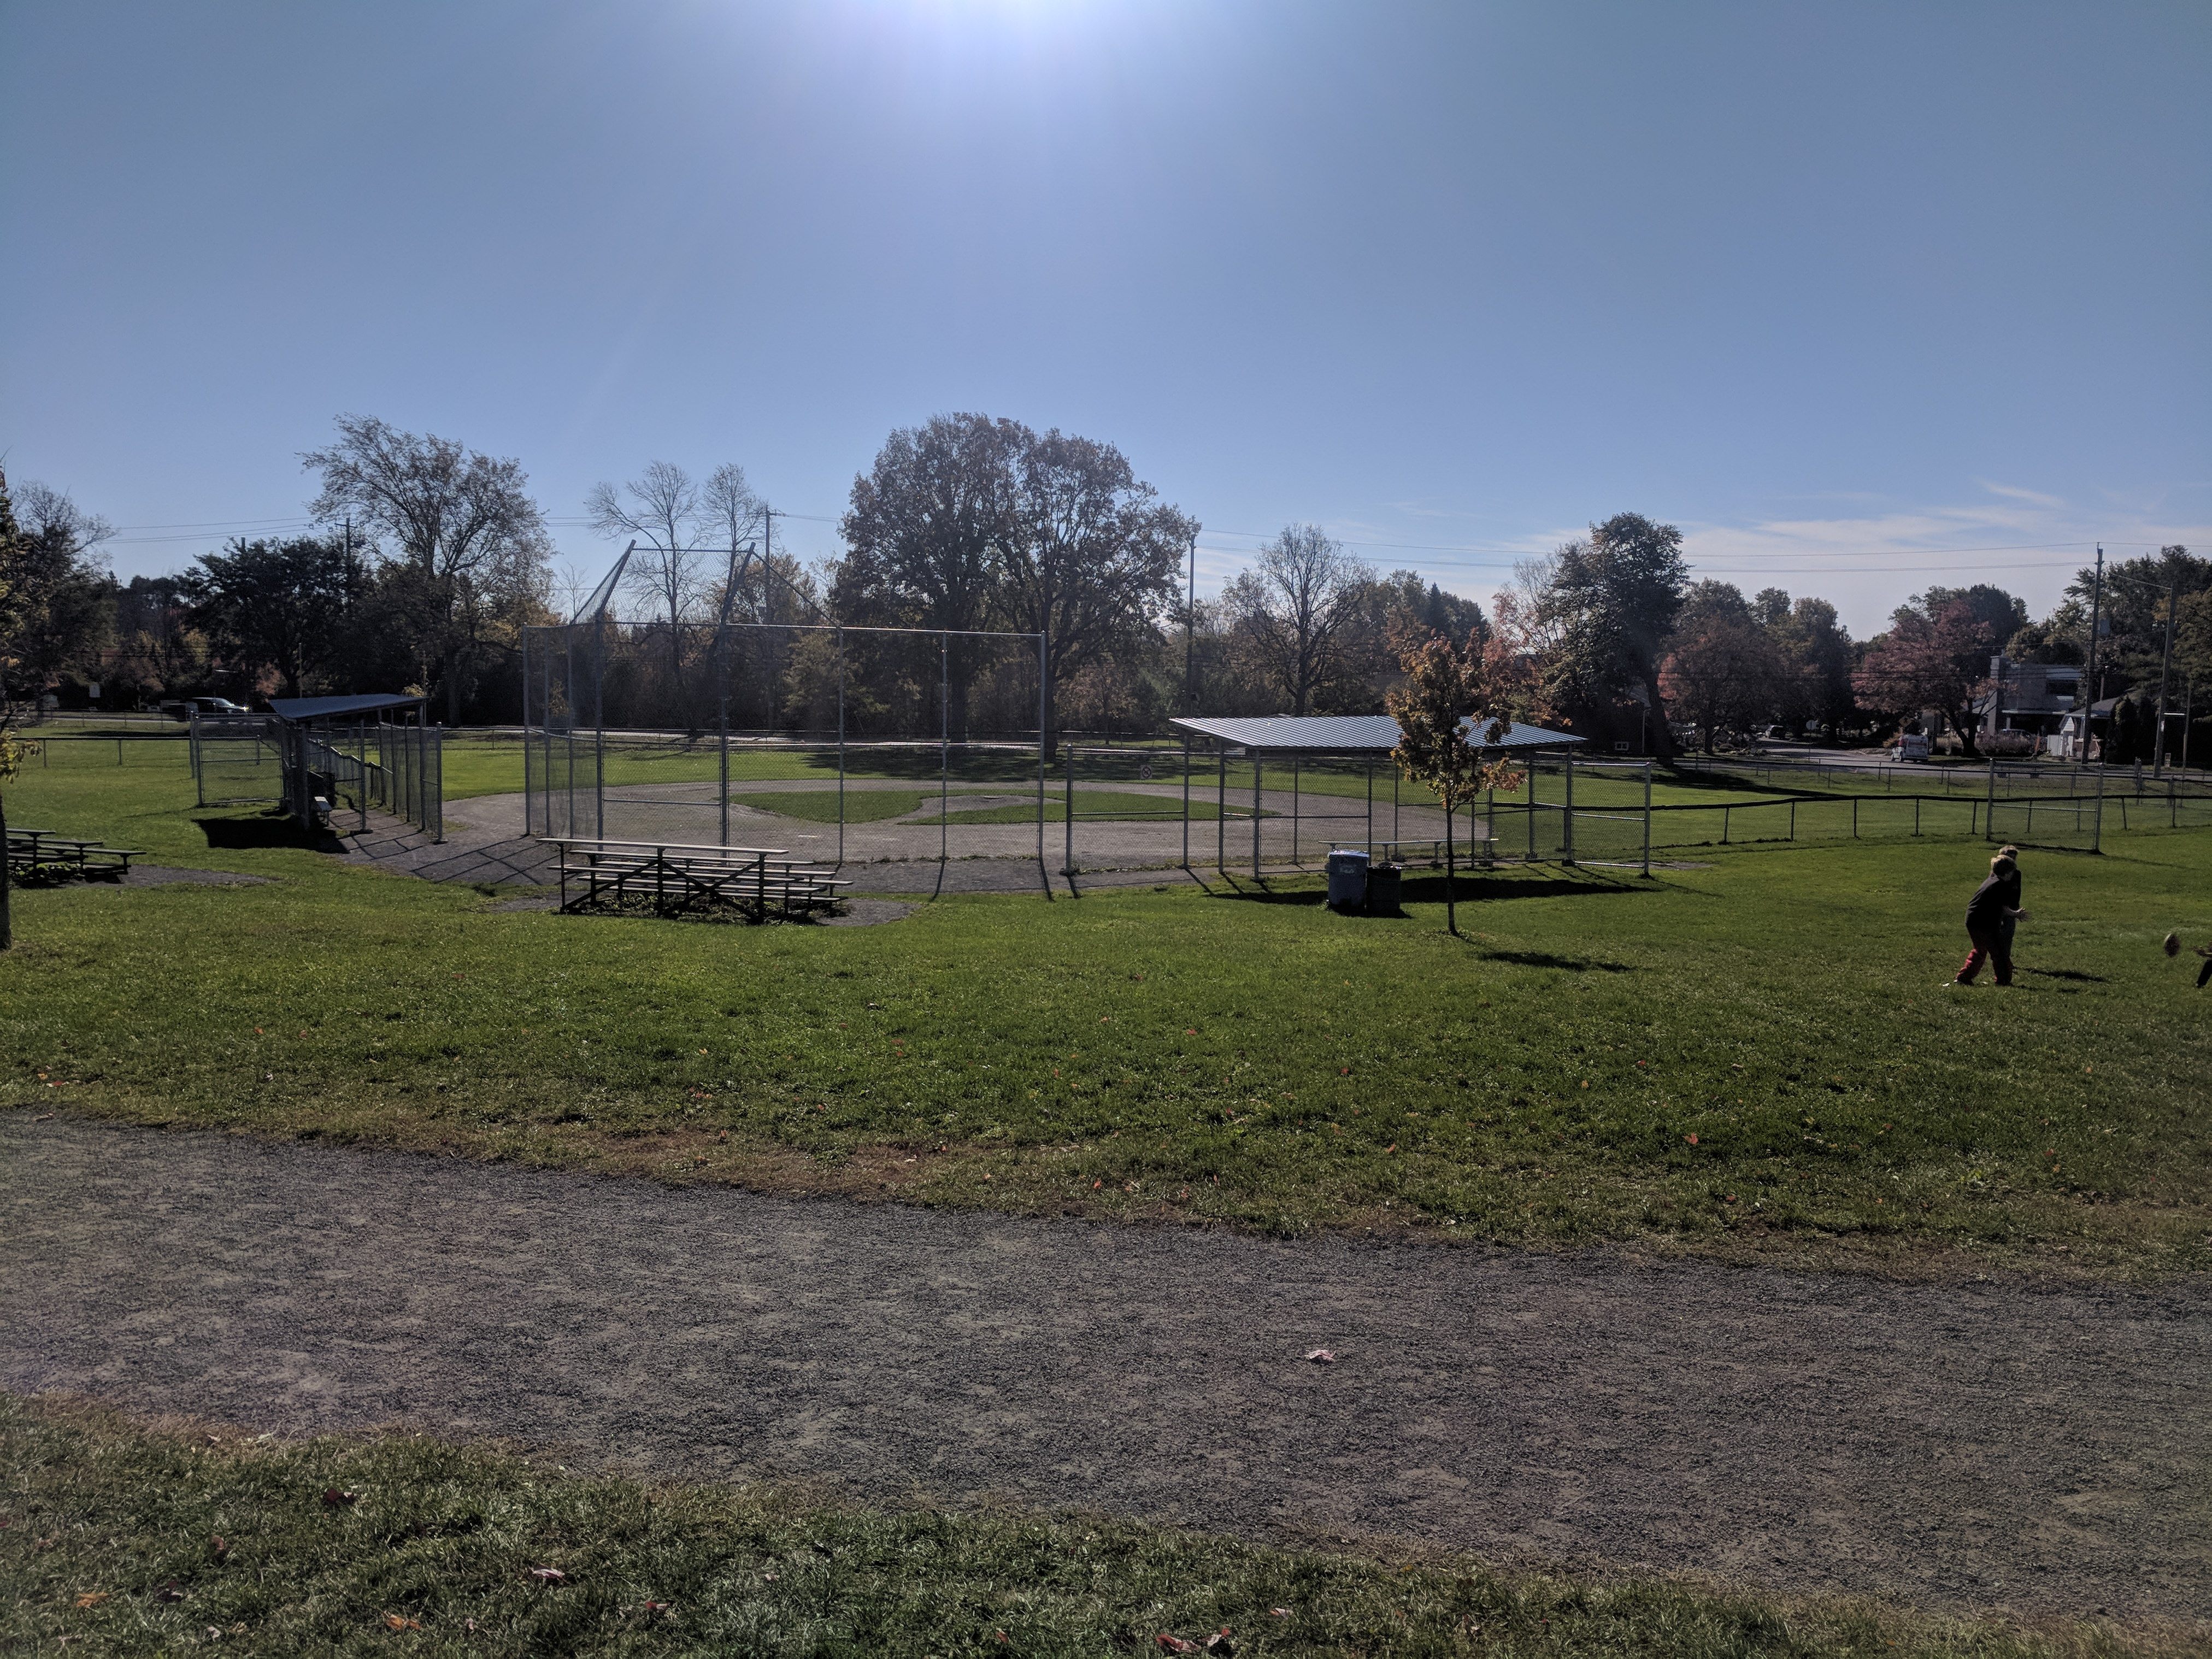 Grasshopper Hill Park baseball dugout